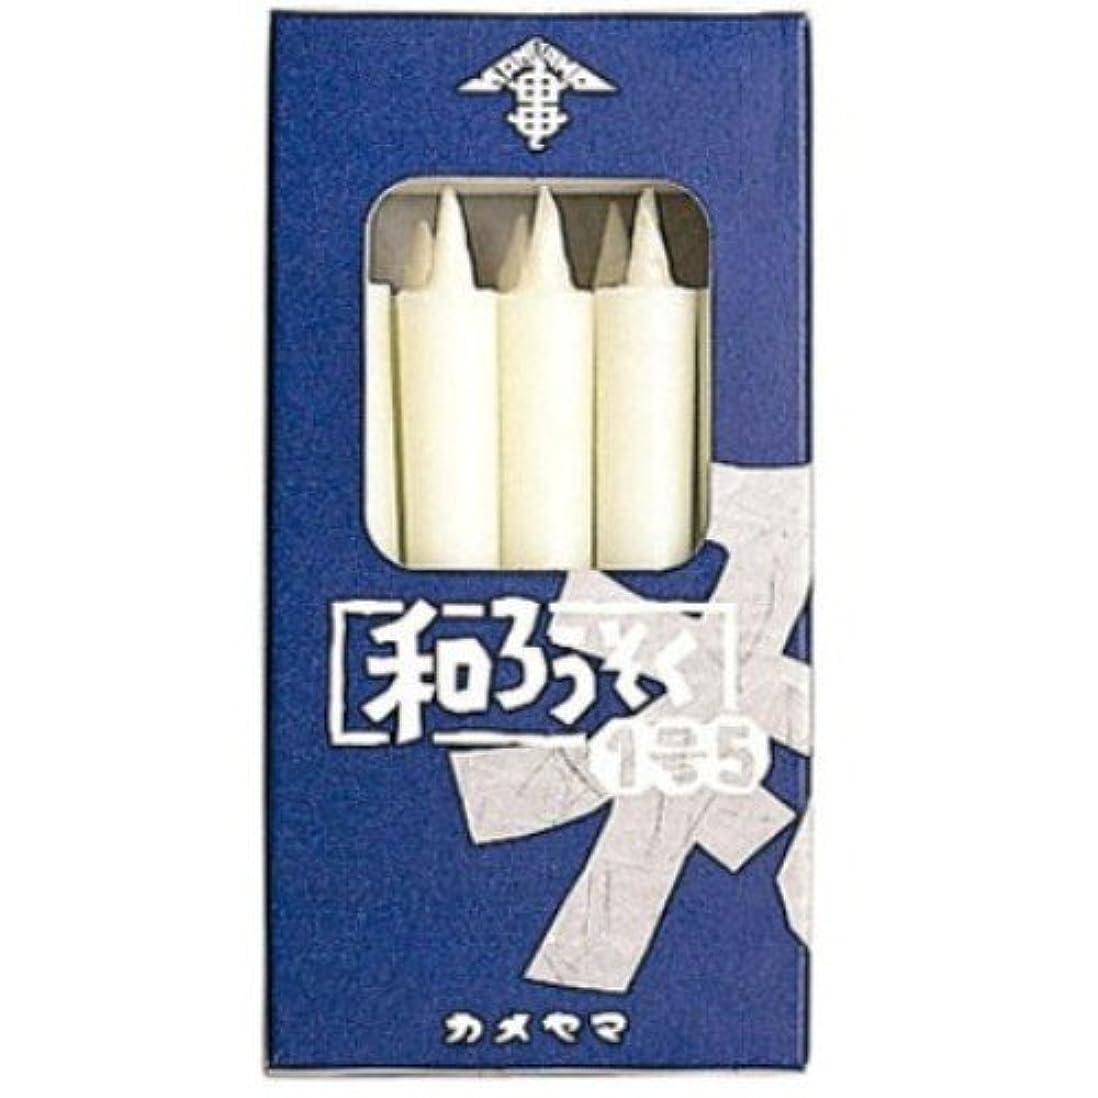 集団的懐疑論欠員和ろうそく 1号5(白) 箱入り (10本)